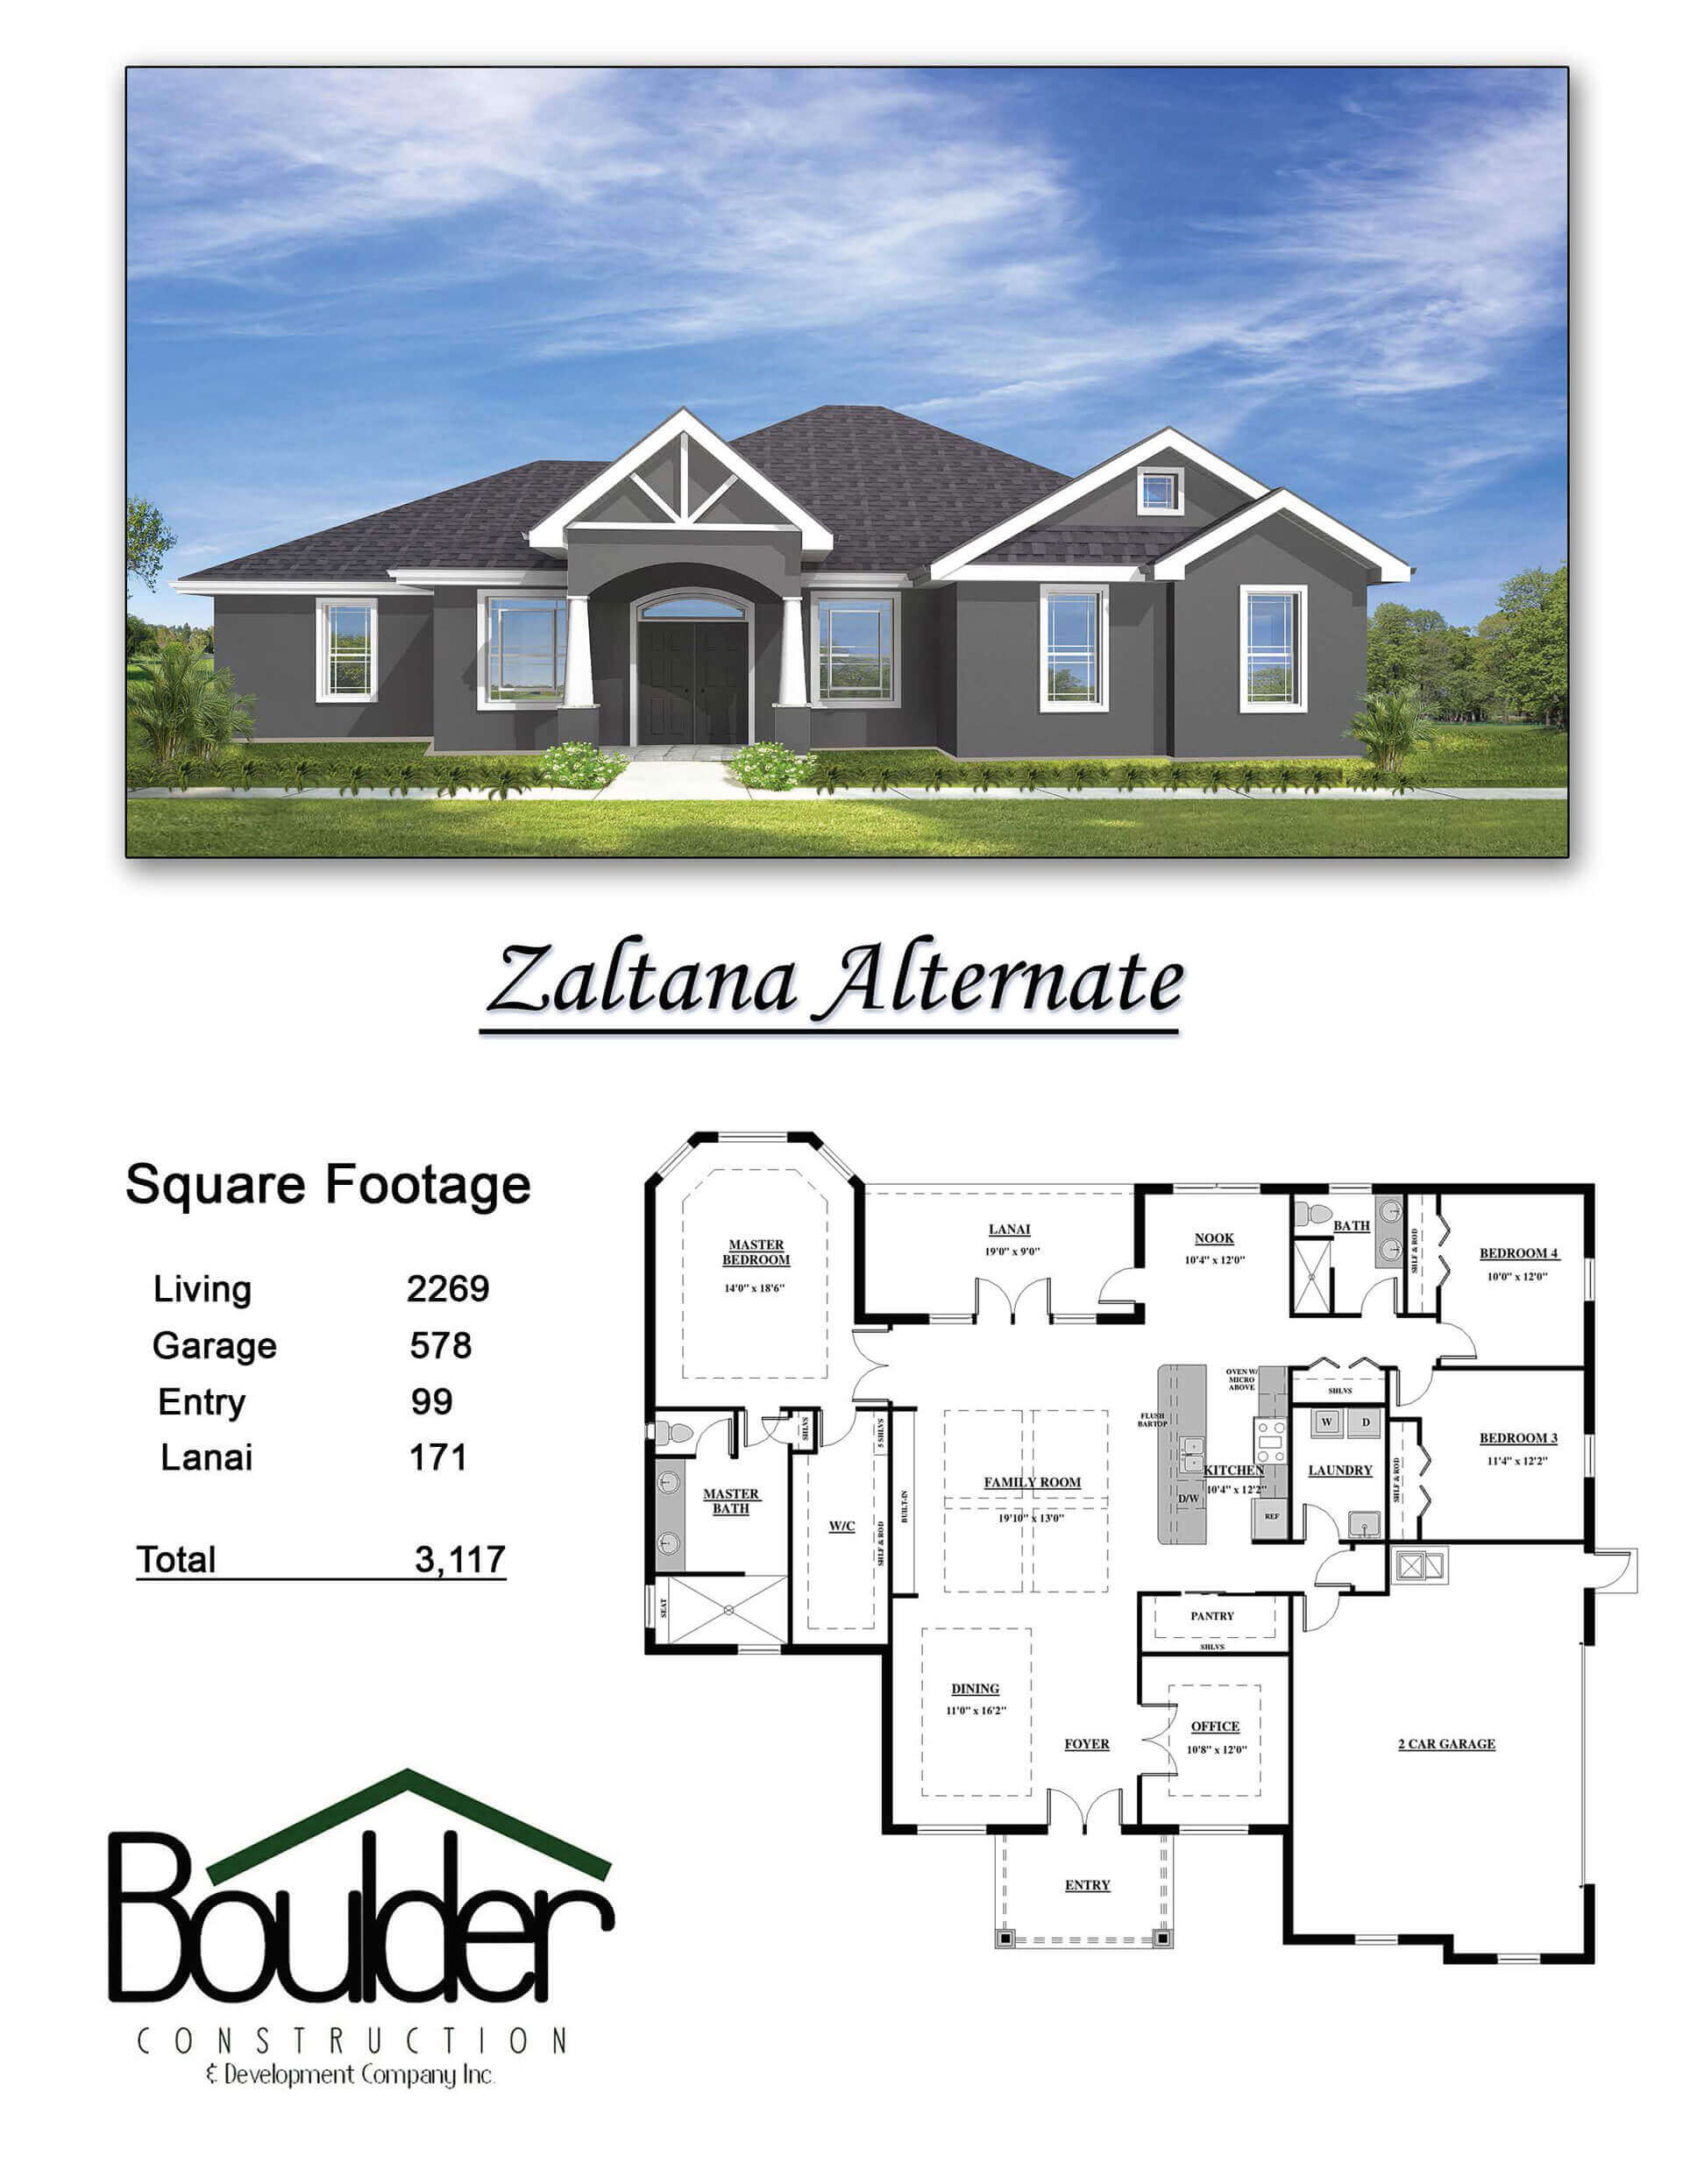 boulder-construction-zaltana-alternate-floor-plan